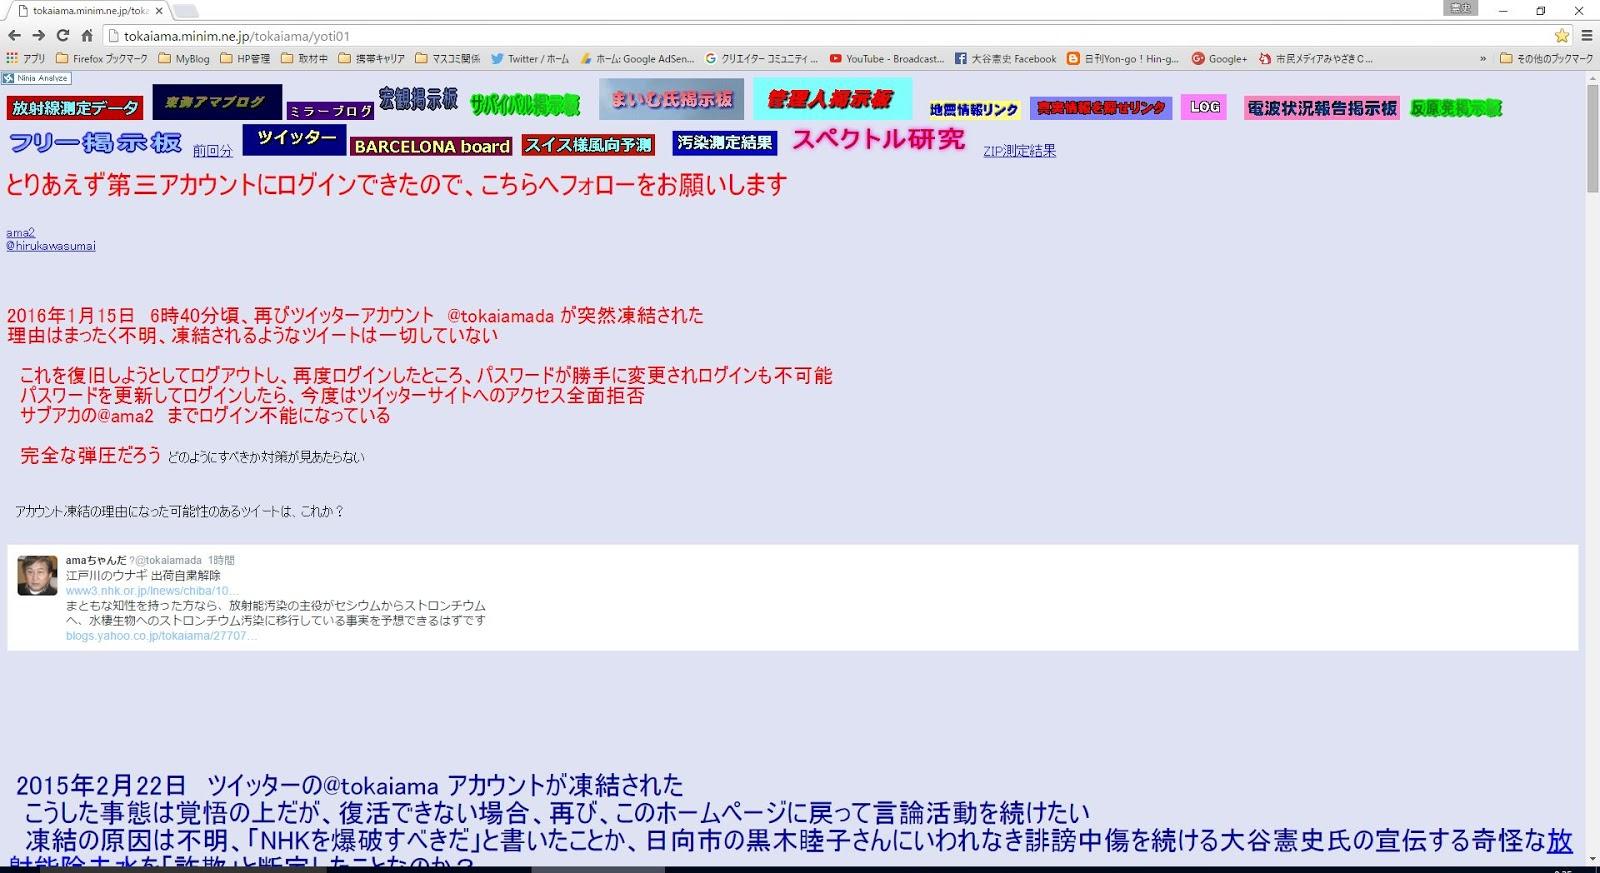 東海アマ、Twitterアカウント凍結